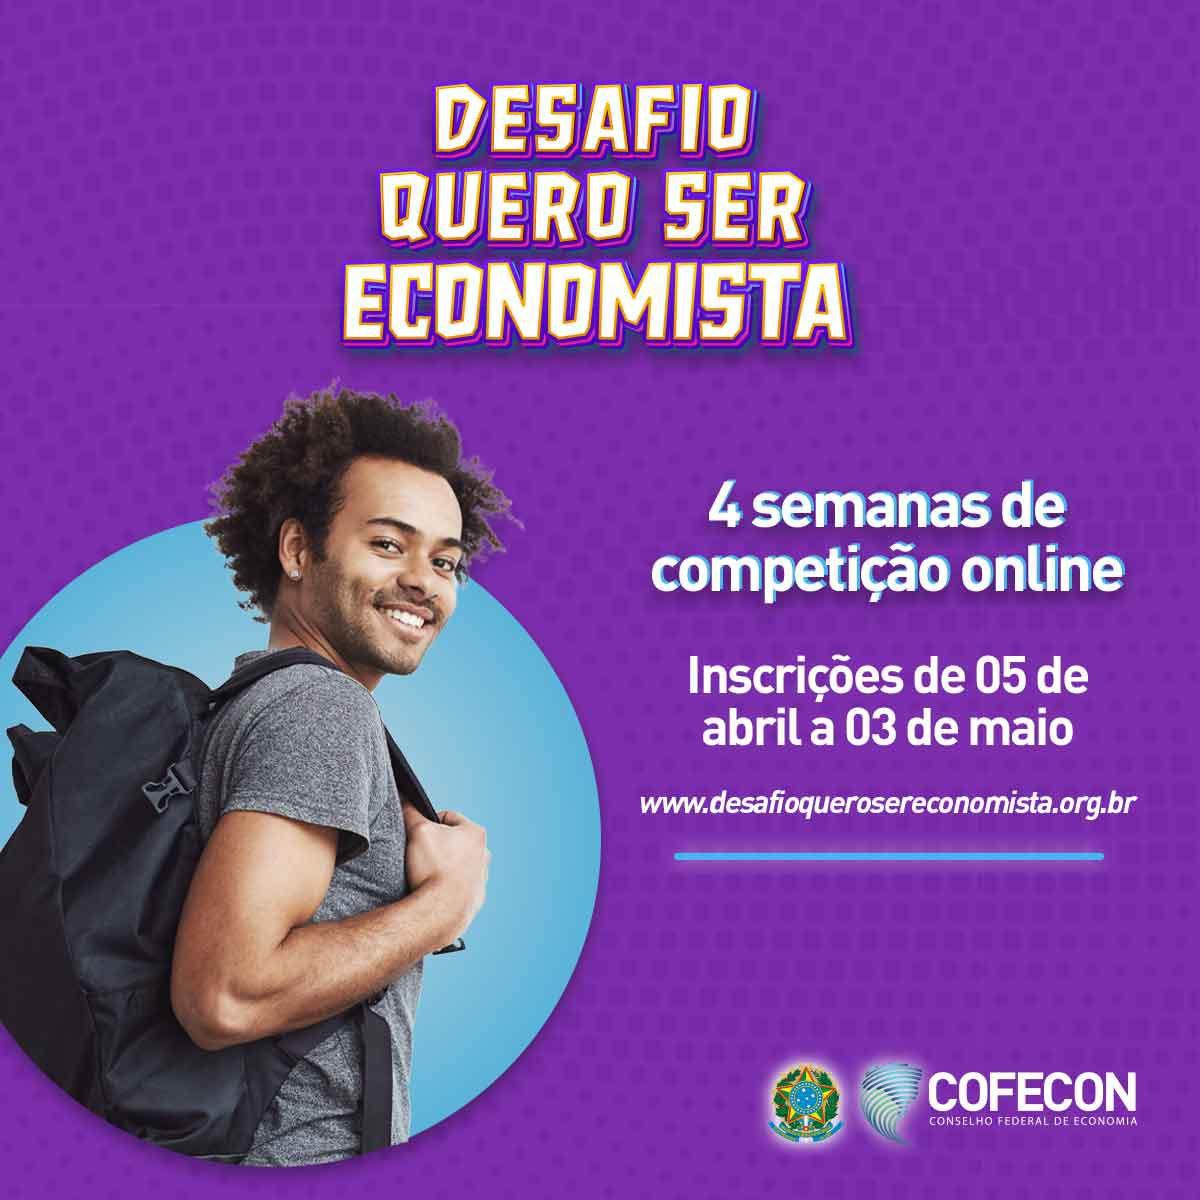 Edição 2021 do Desafio Quero Ser Economista